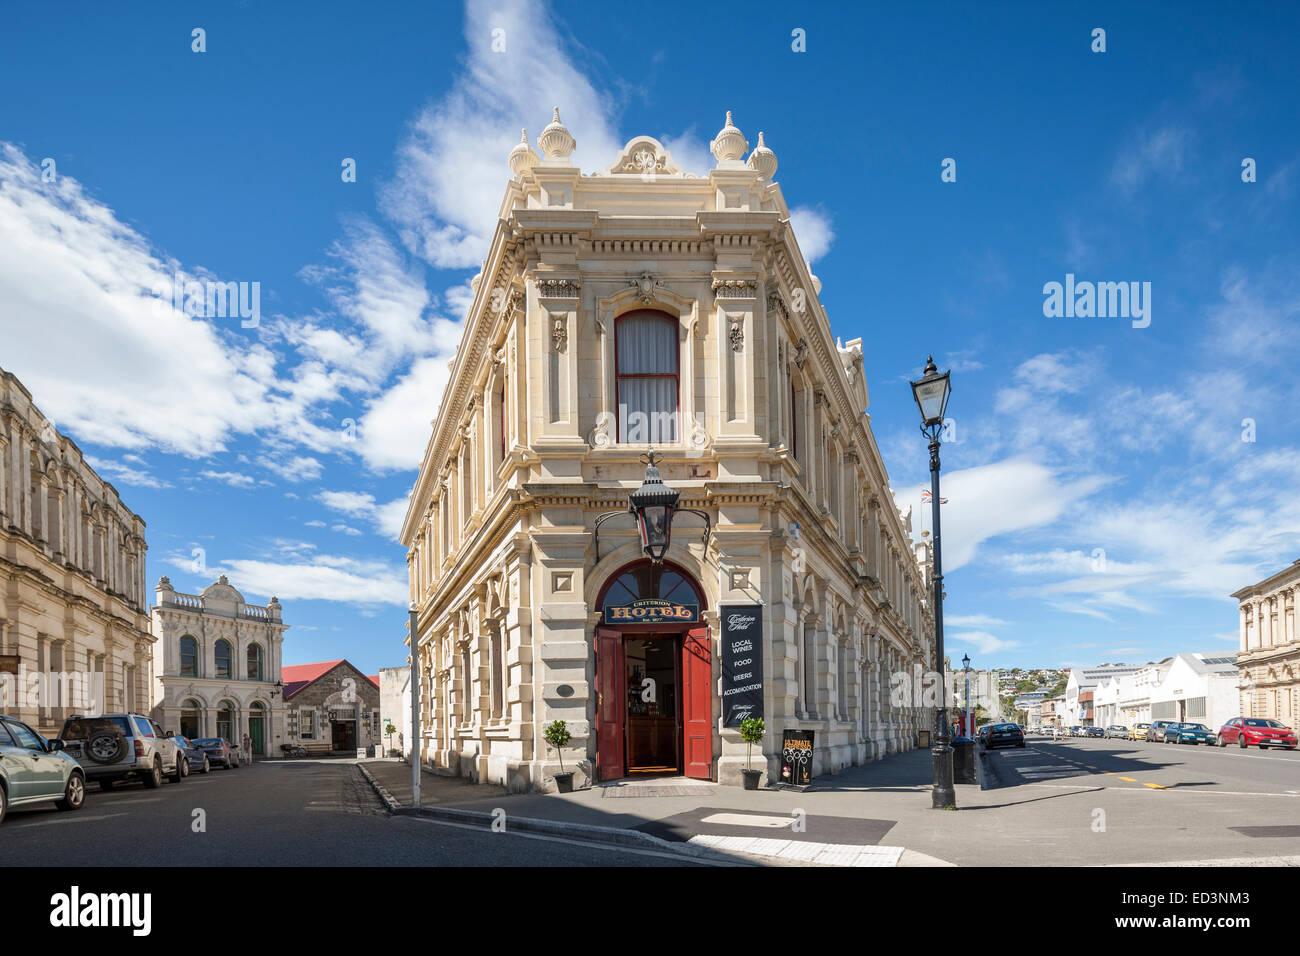 Nuova Zelanda Oamaru. Il criterio di alberghi e altri vecchio stile vittoriano edifici del porto storico quartiere Immagini Stock